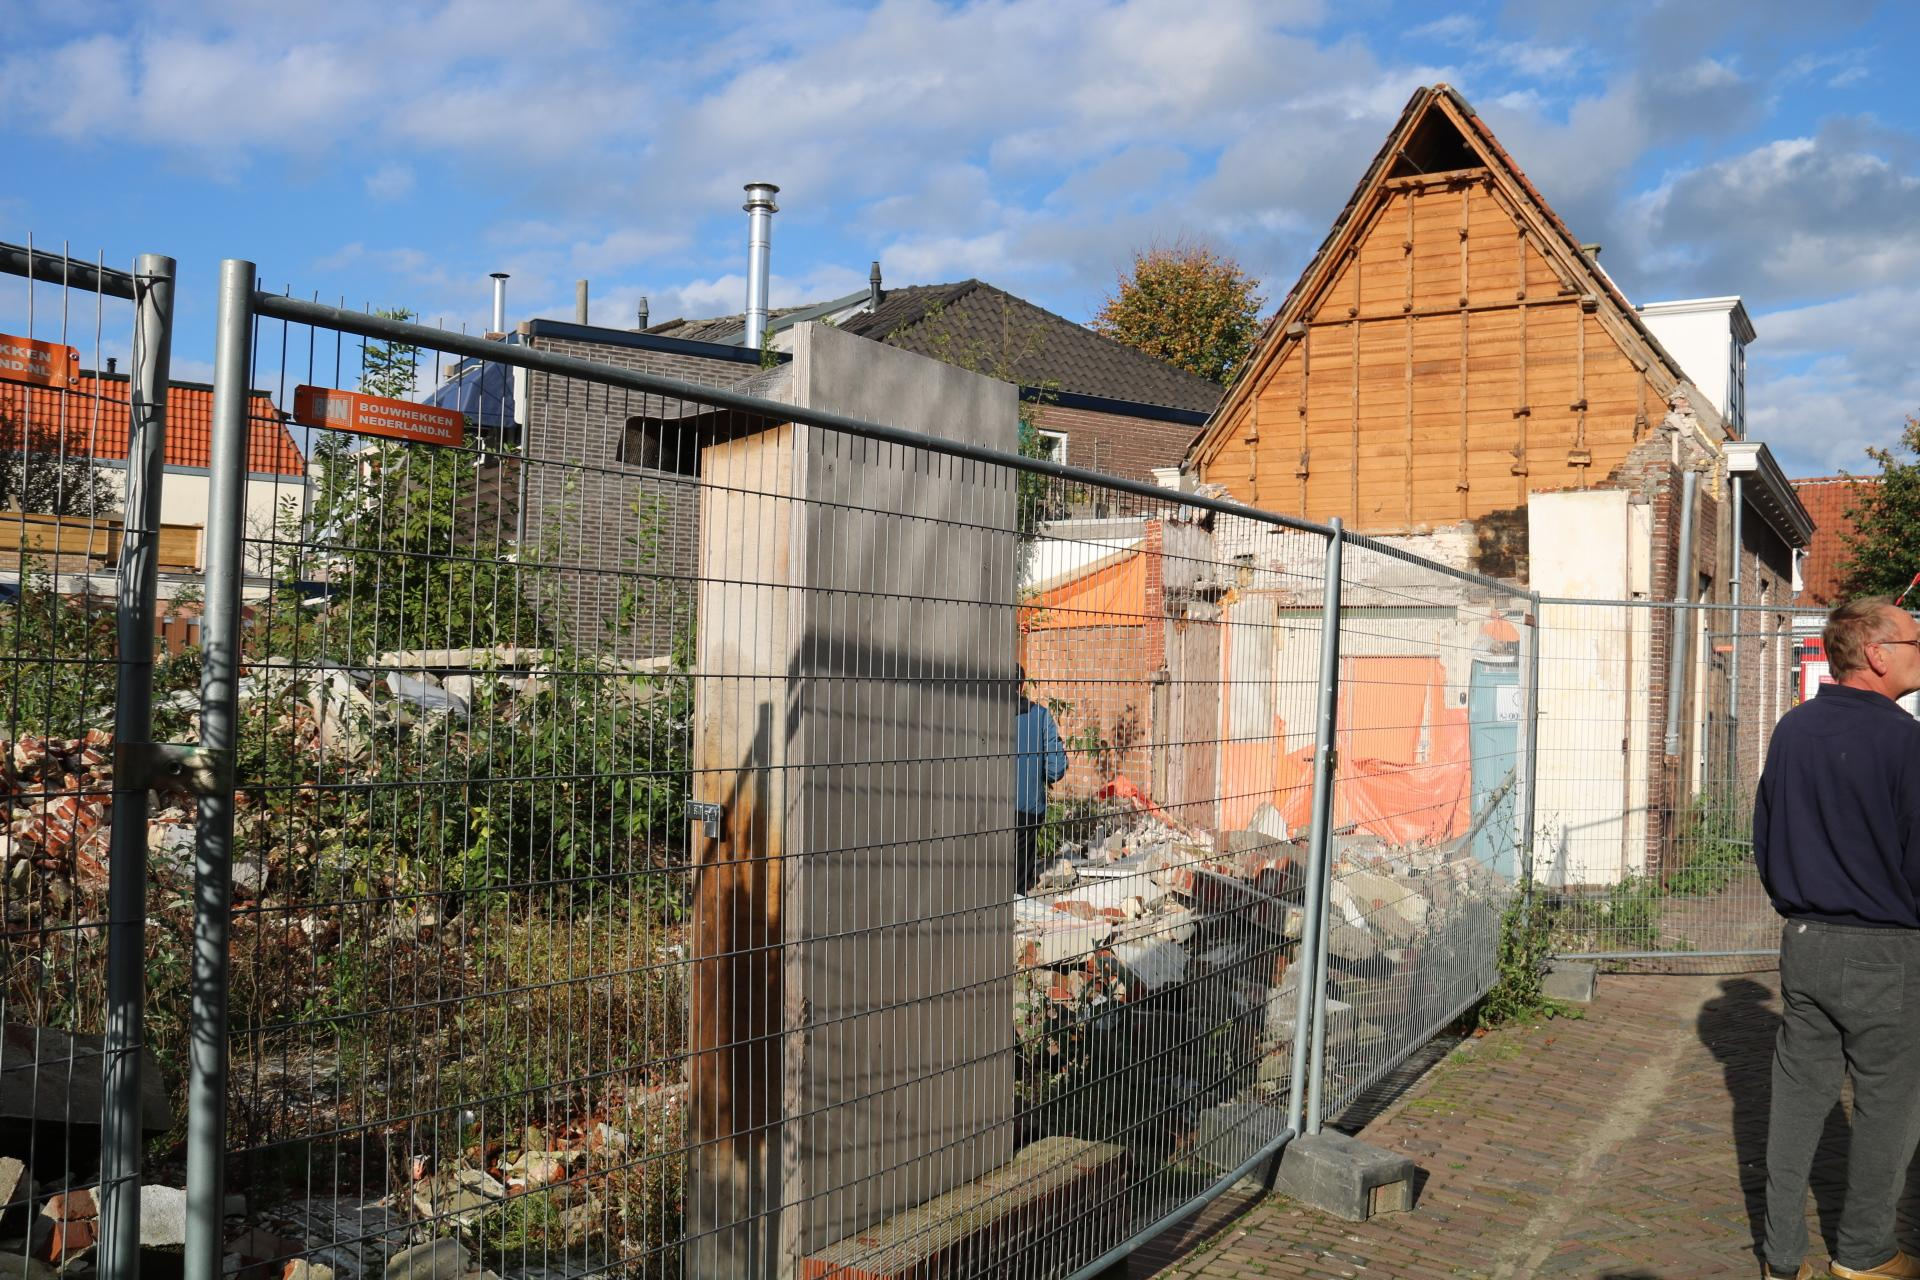 Gevel van huis in Weesp gedeeltelijk ingestort